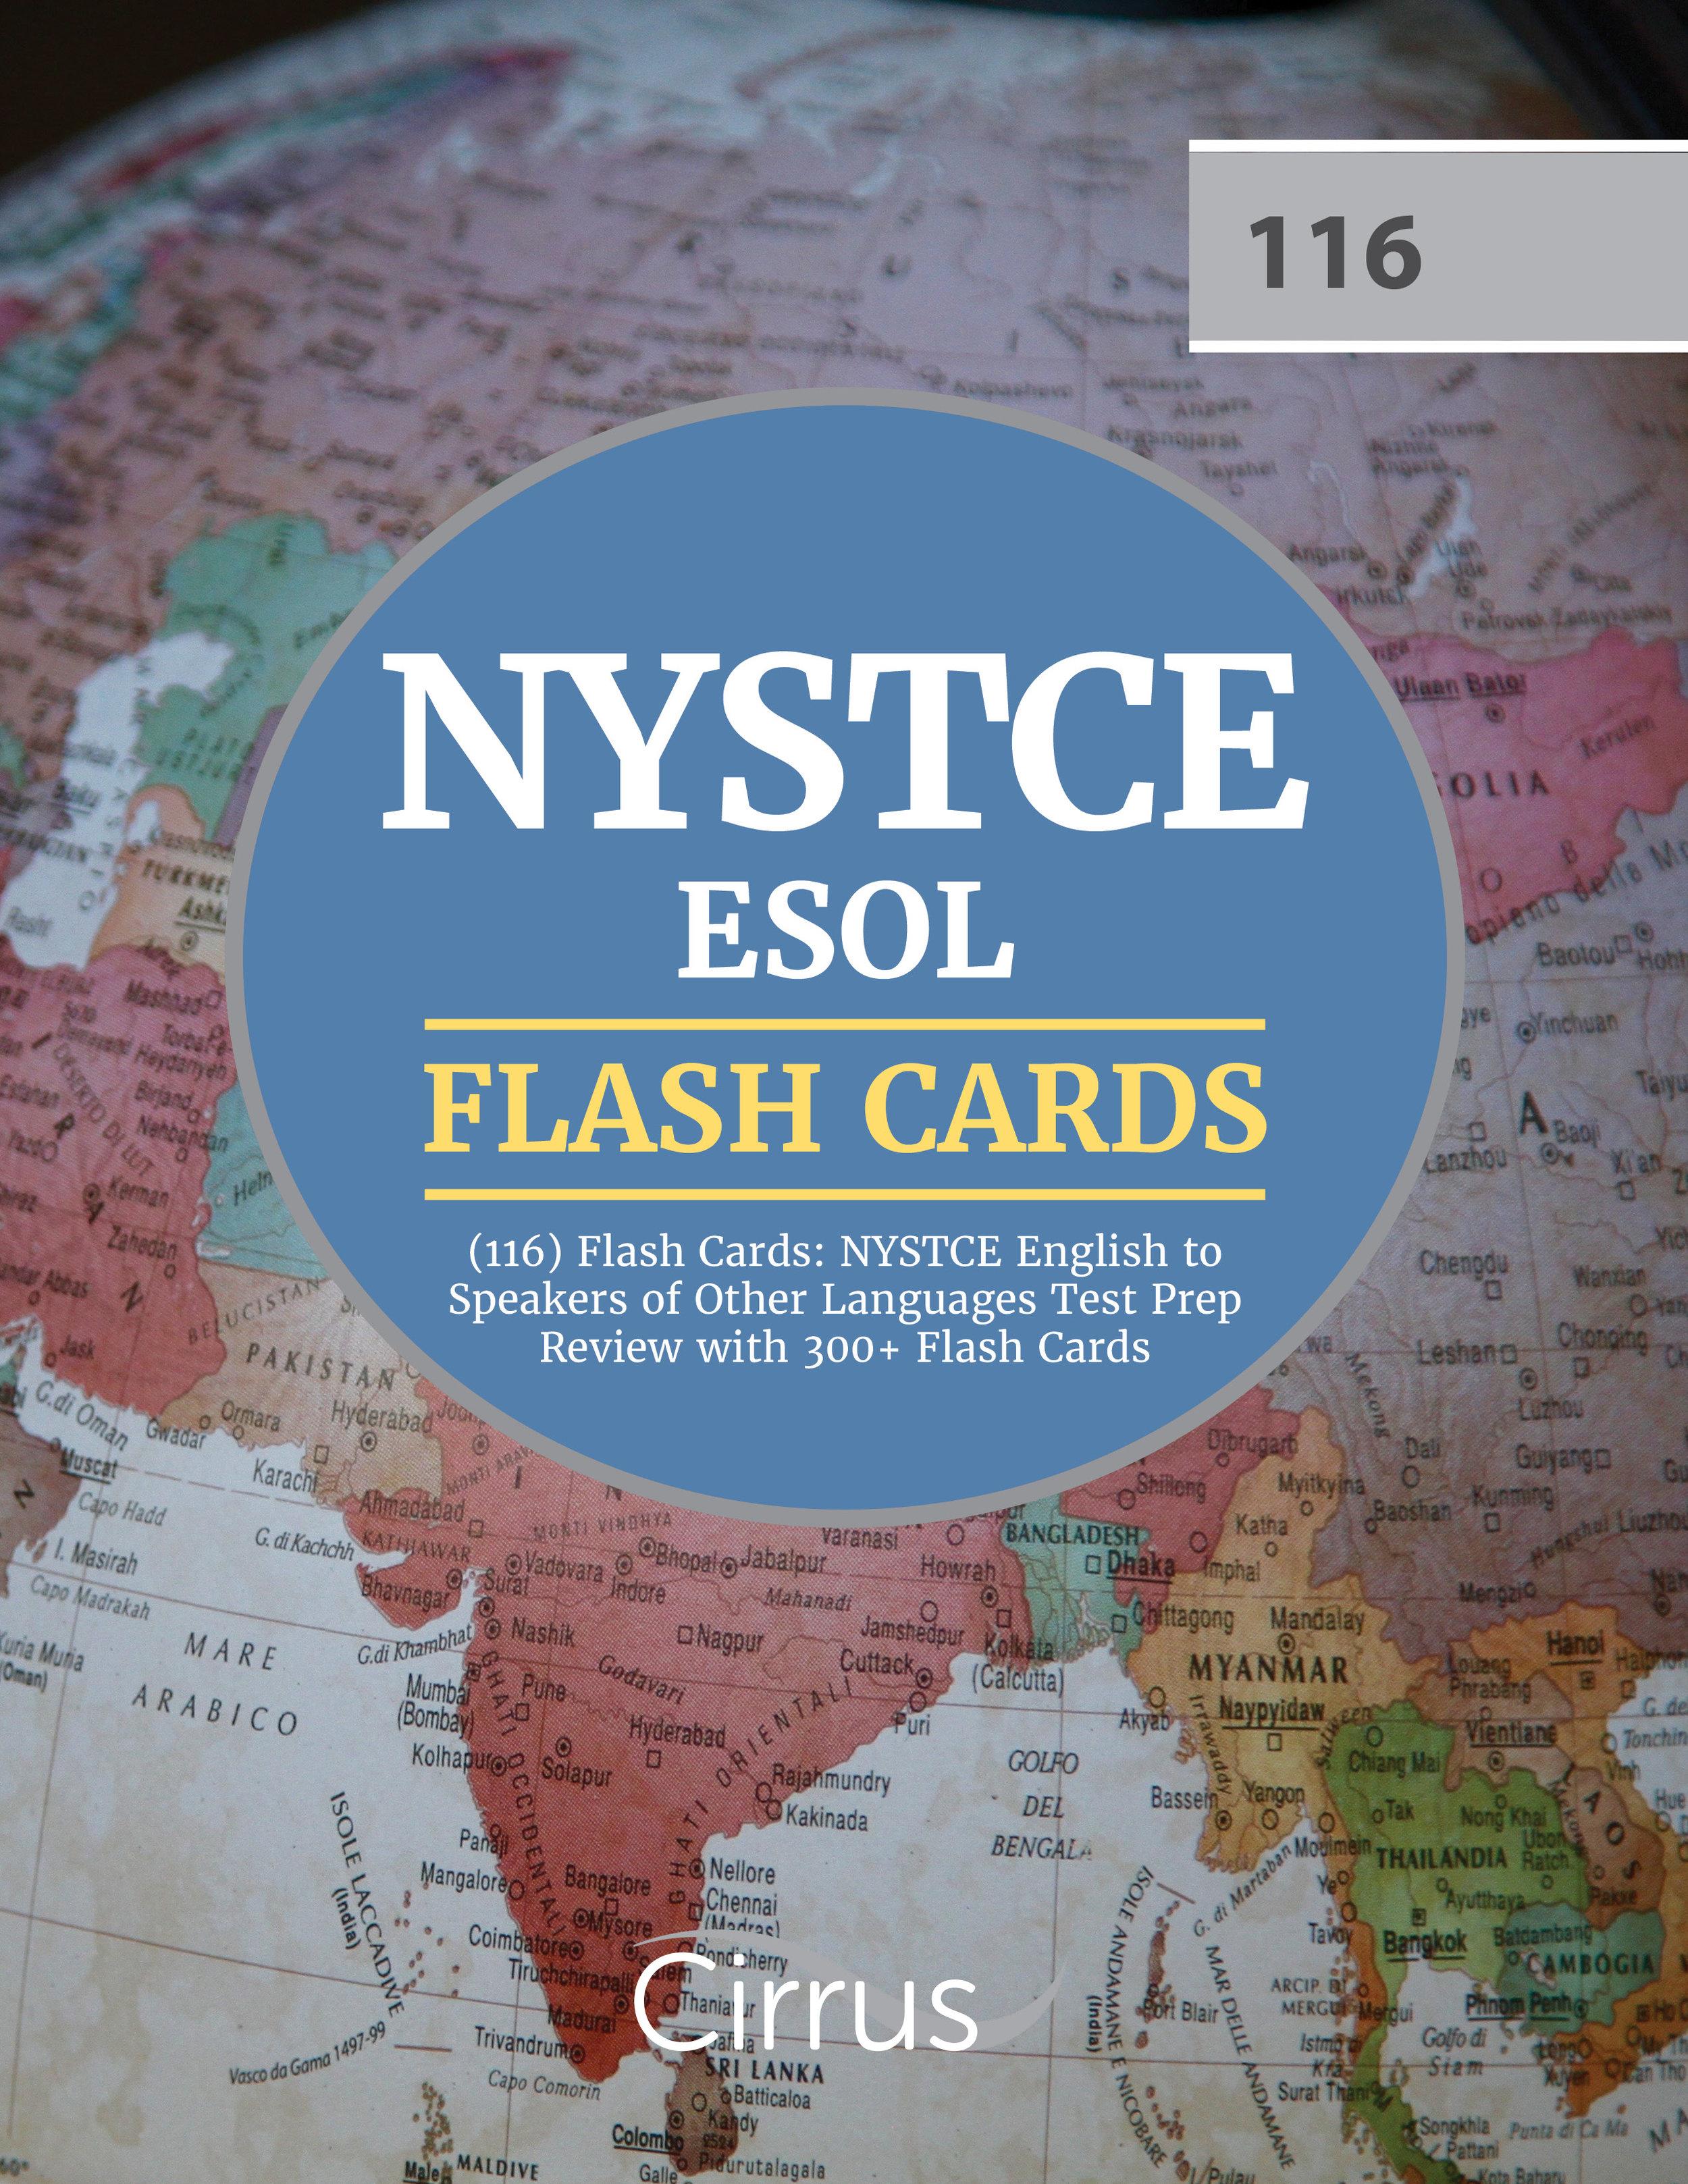 NYSTCE ESOL Flash Cards